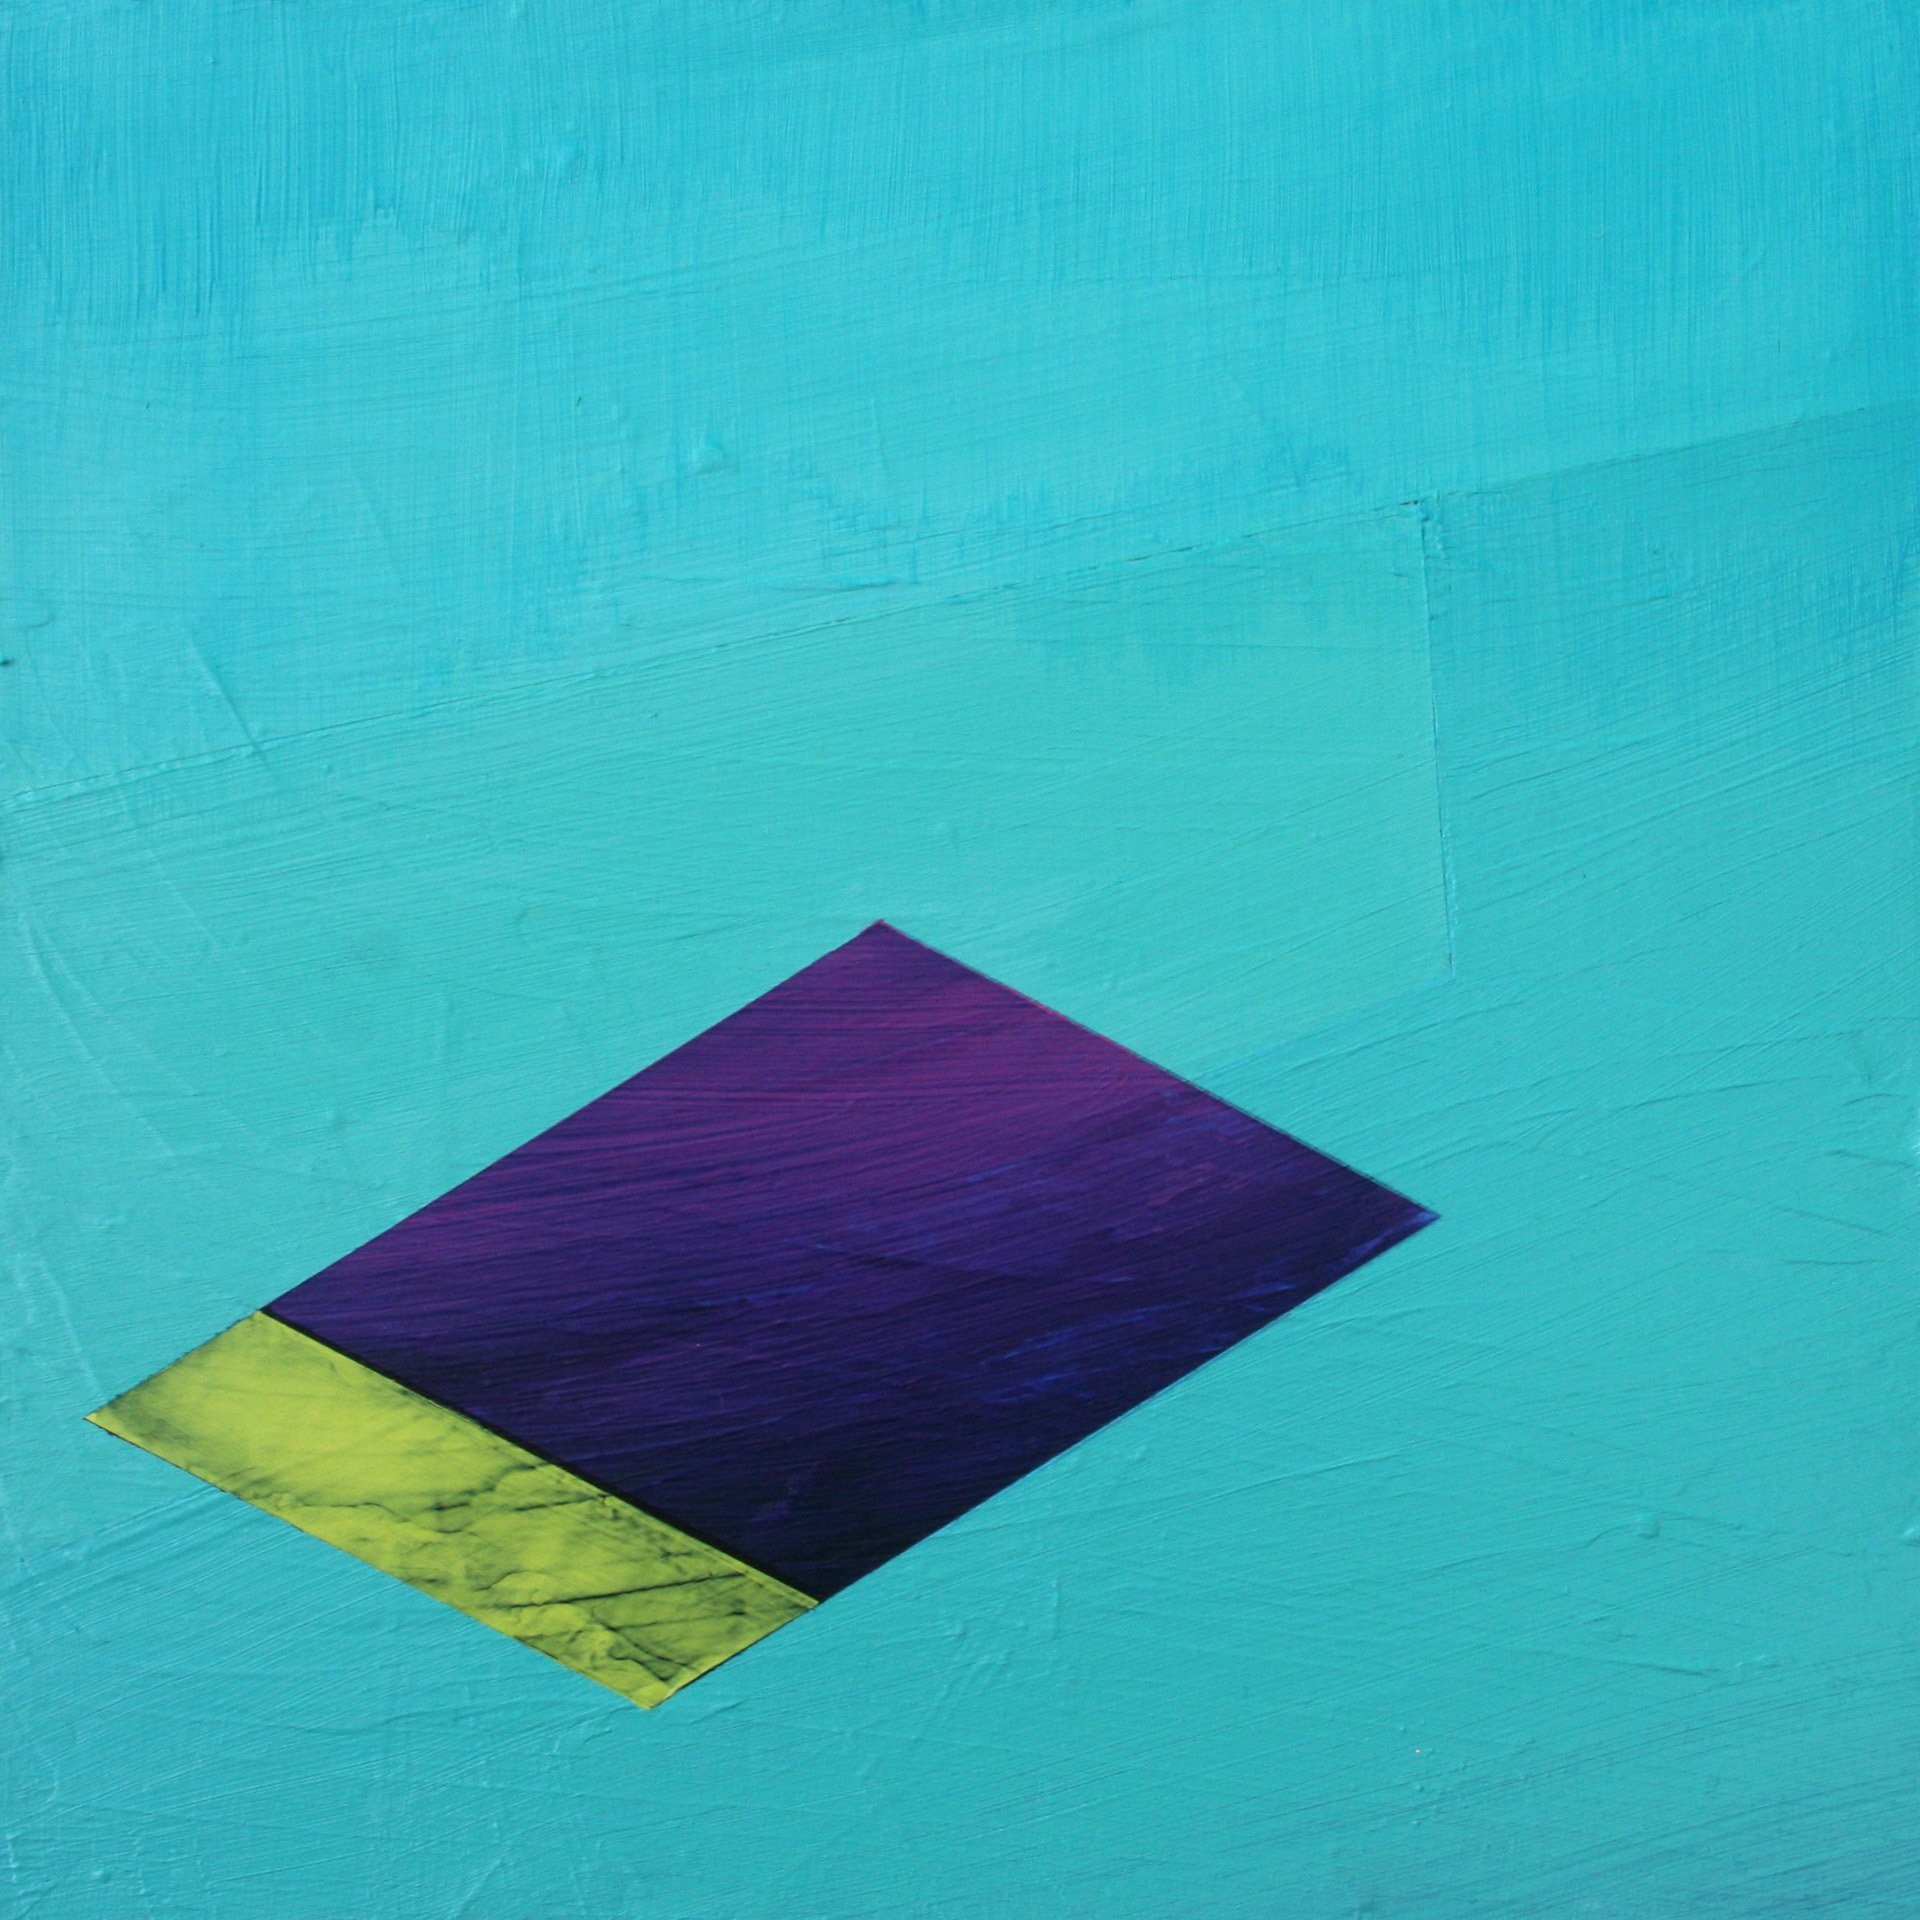 Bryan Boone work of art Waveform